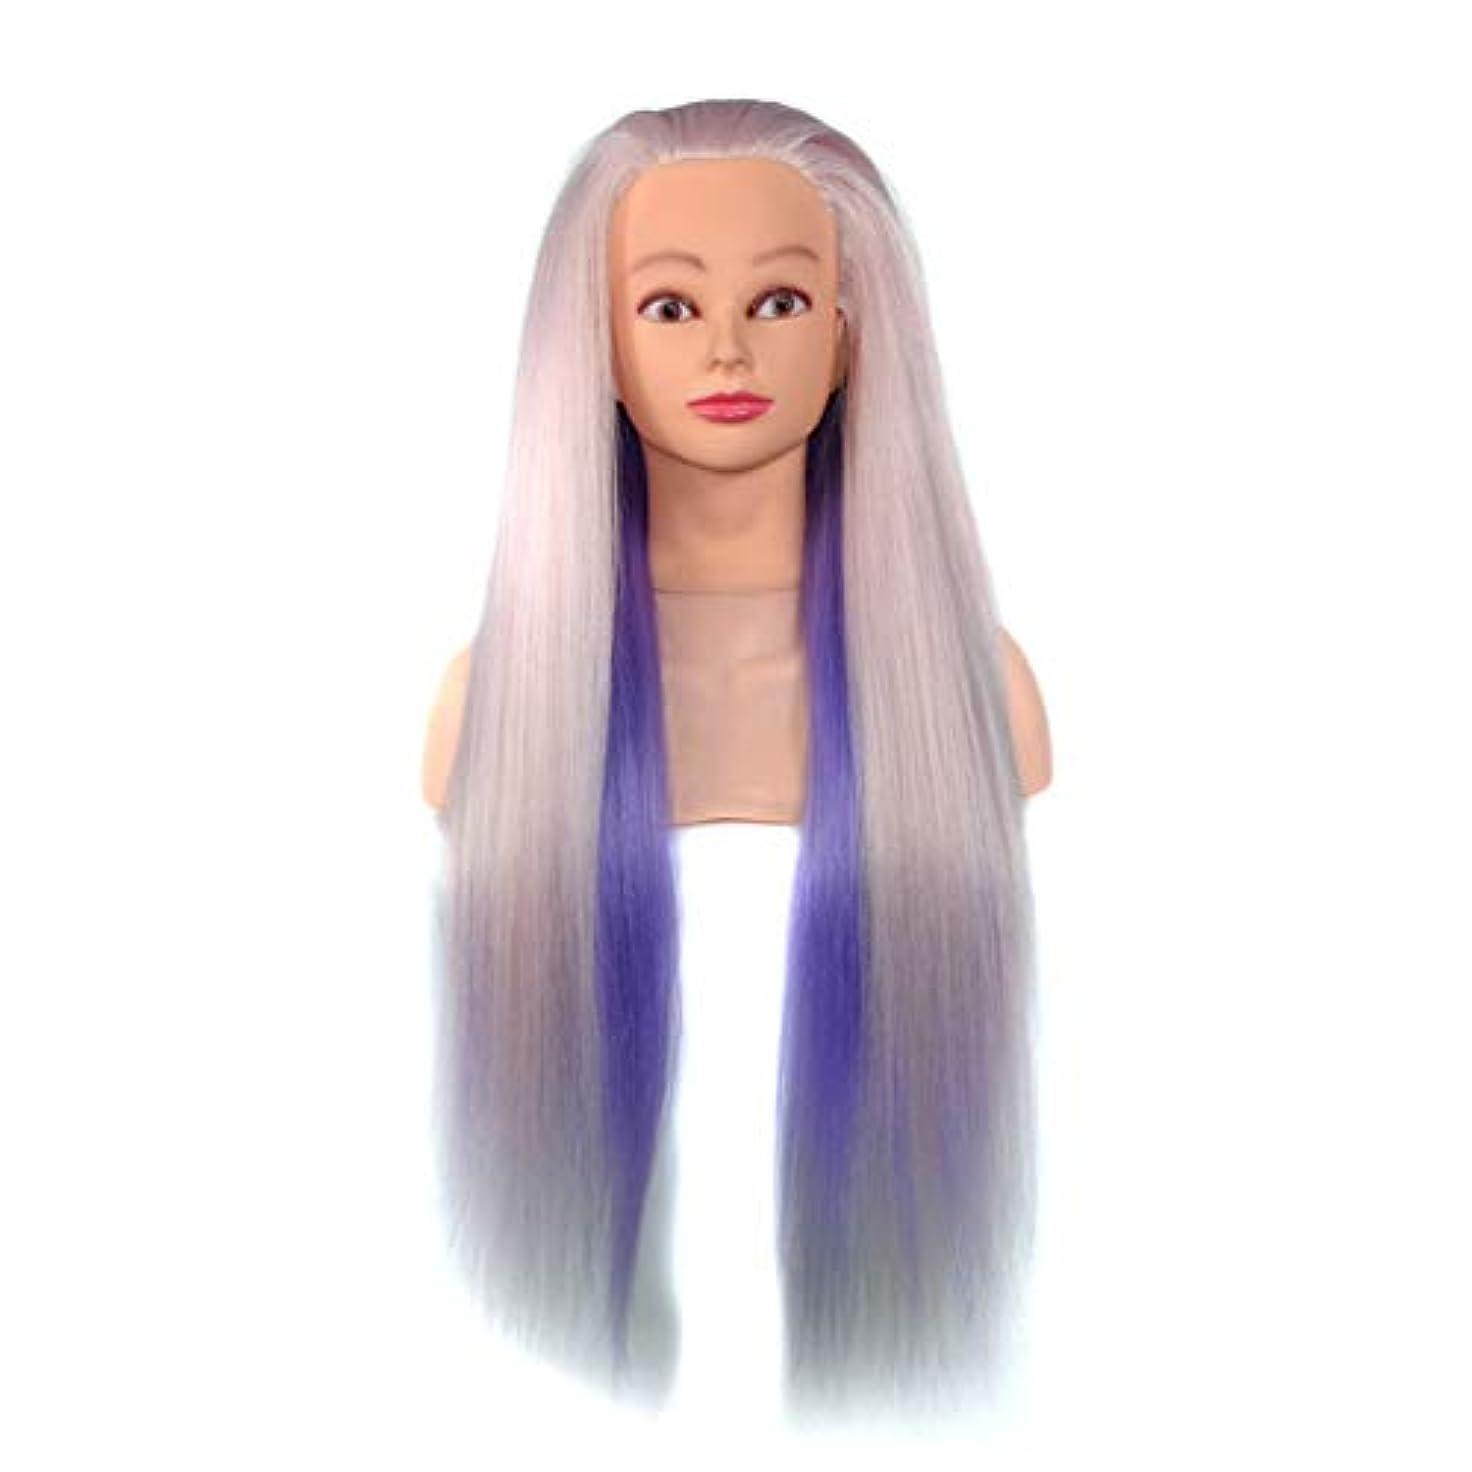 ペインティング結び目見分ける高温シルク花嫁編組エクササイズヘッドサロン教育グラデーショントレーニングヘッド理髪学習ヘッドモデル